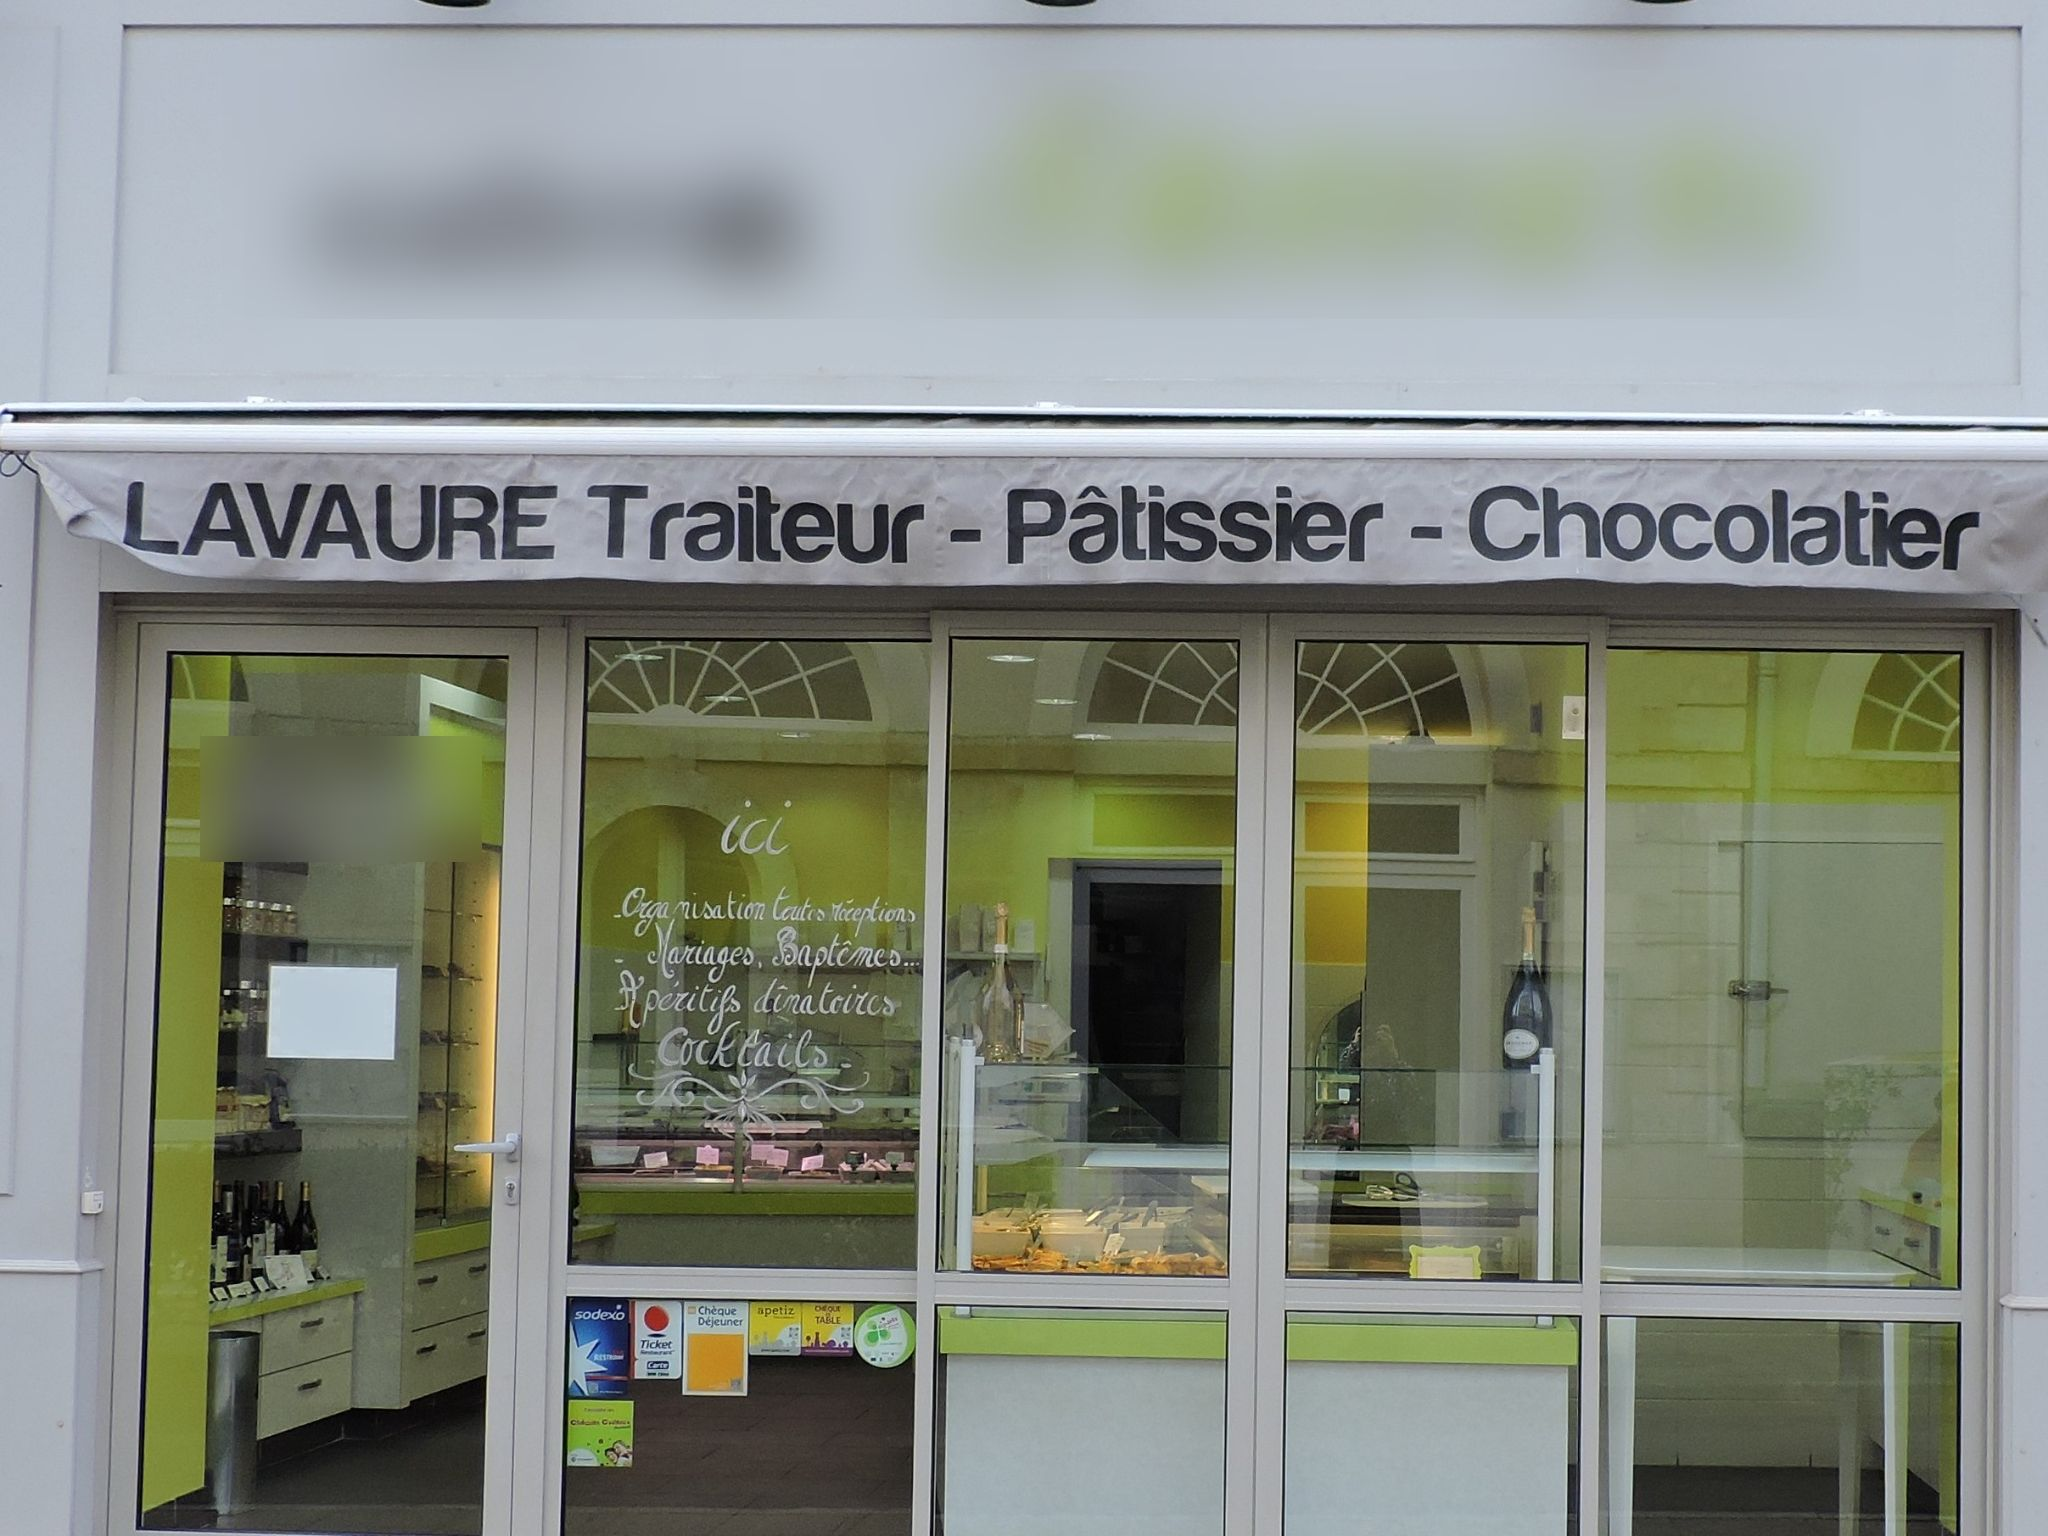 Vente Commerce, traiteur, plats à emporter, chocolatier, pâtisserie Ruffec en Charente